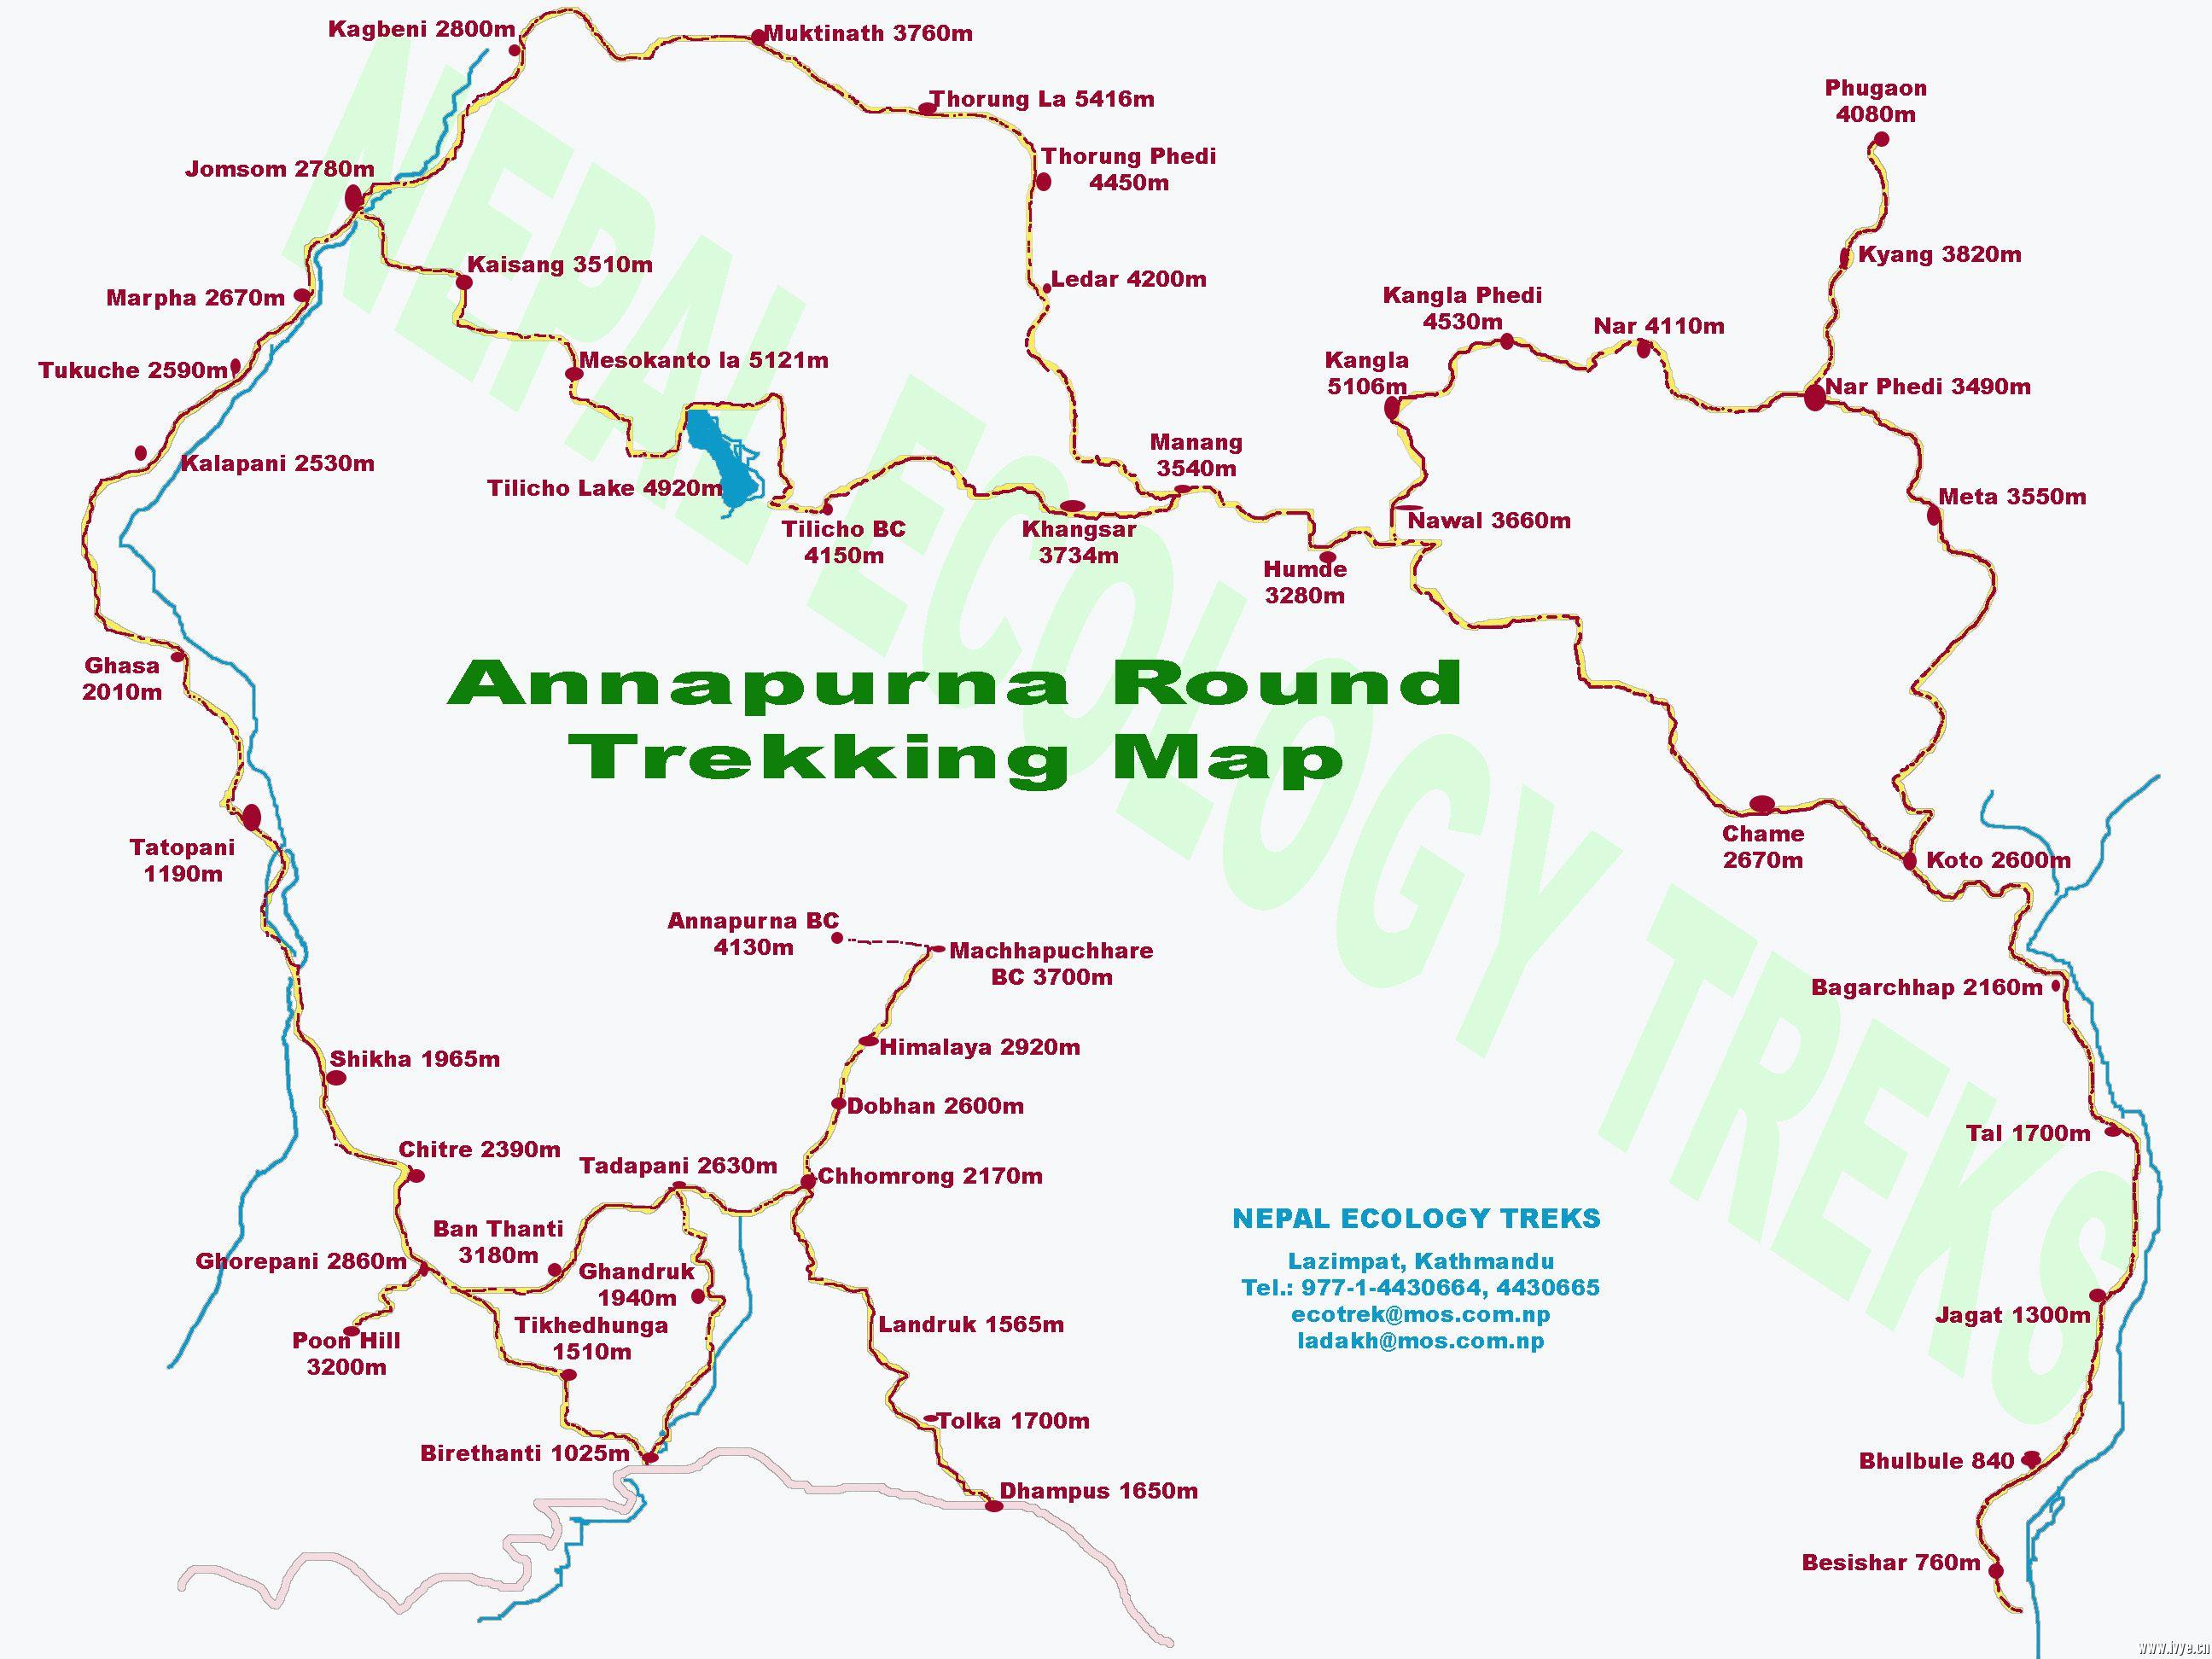 Annapurna-round-trekking-map.jpg